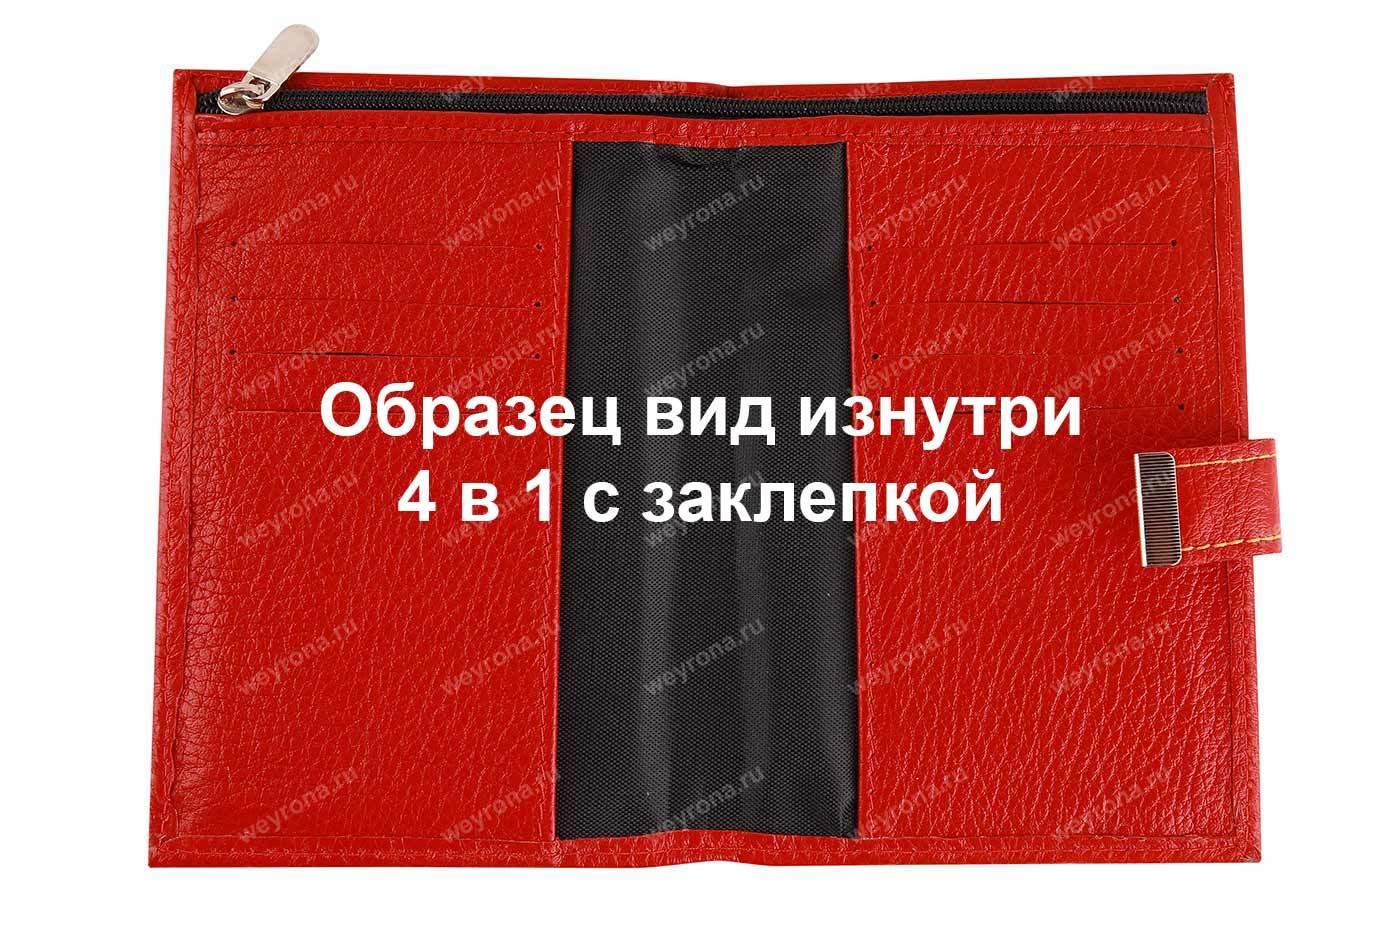 Обложка с заклепкой ФЛОТЕР ЖЕЛТАЯ  4 в 1 (ТЕЛЯЧЬЯ КОЖА)